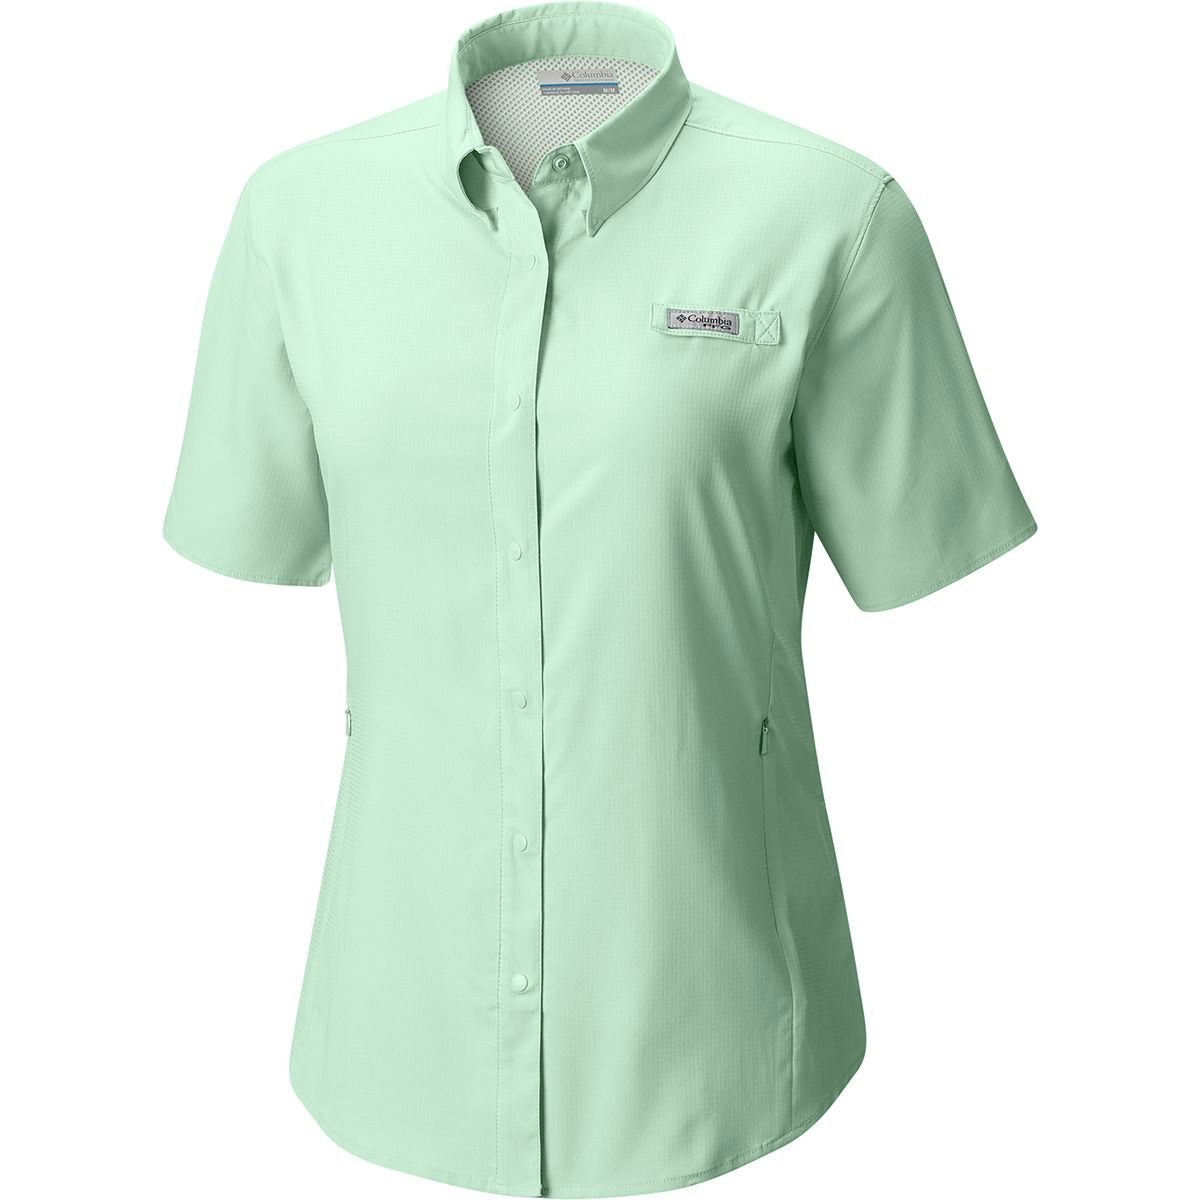 (コロンビア) Columbia Tamiami II Short-Sleeve Shirt - Women'sレディース バックパック リュック Light Mint [並行輸入品] S  B079LWYFWZ